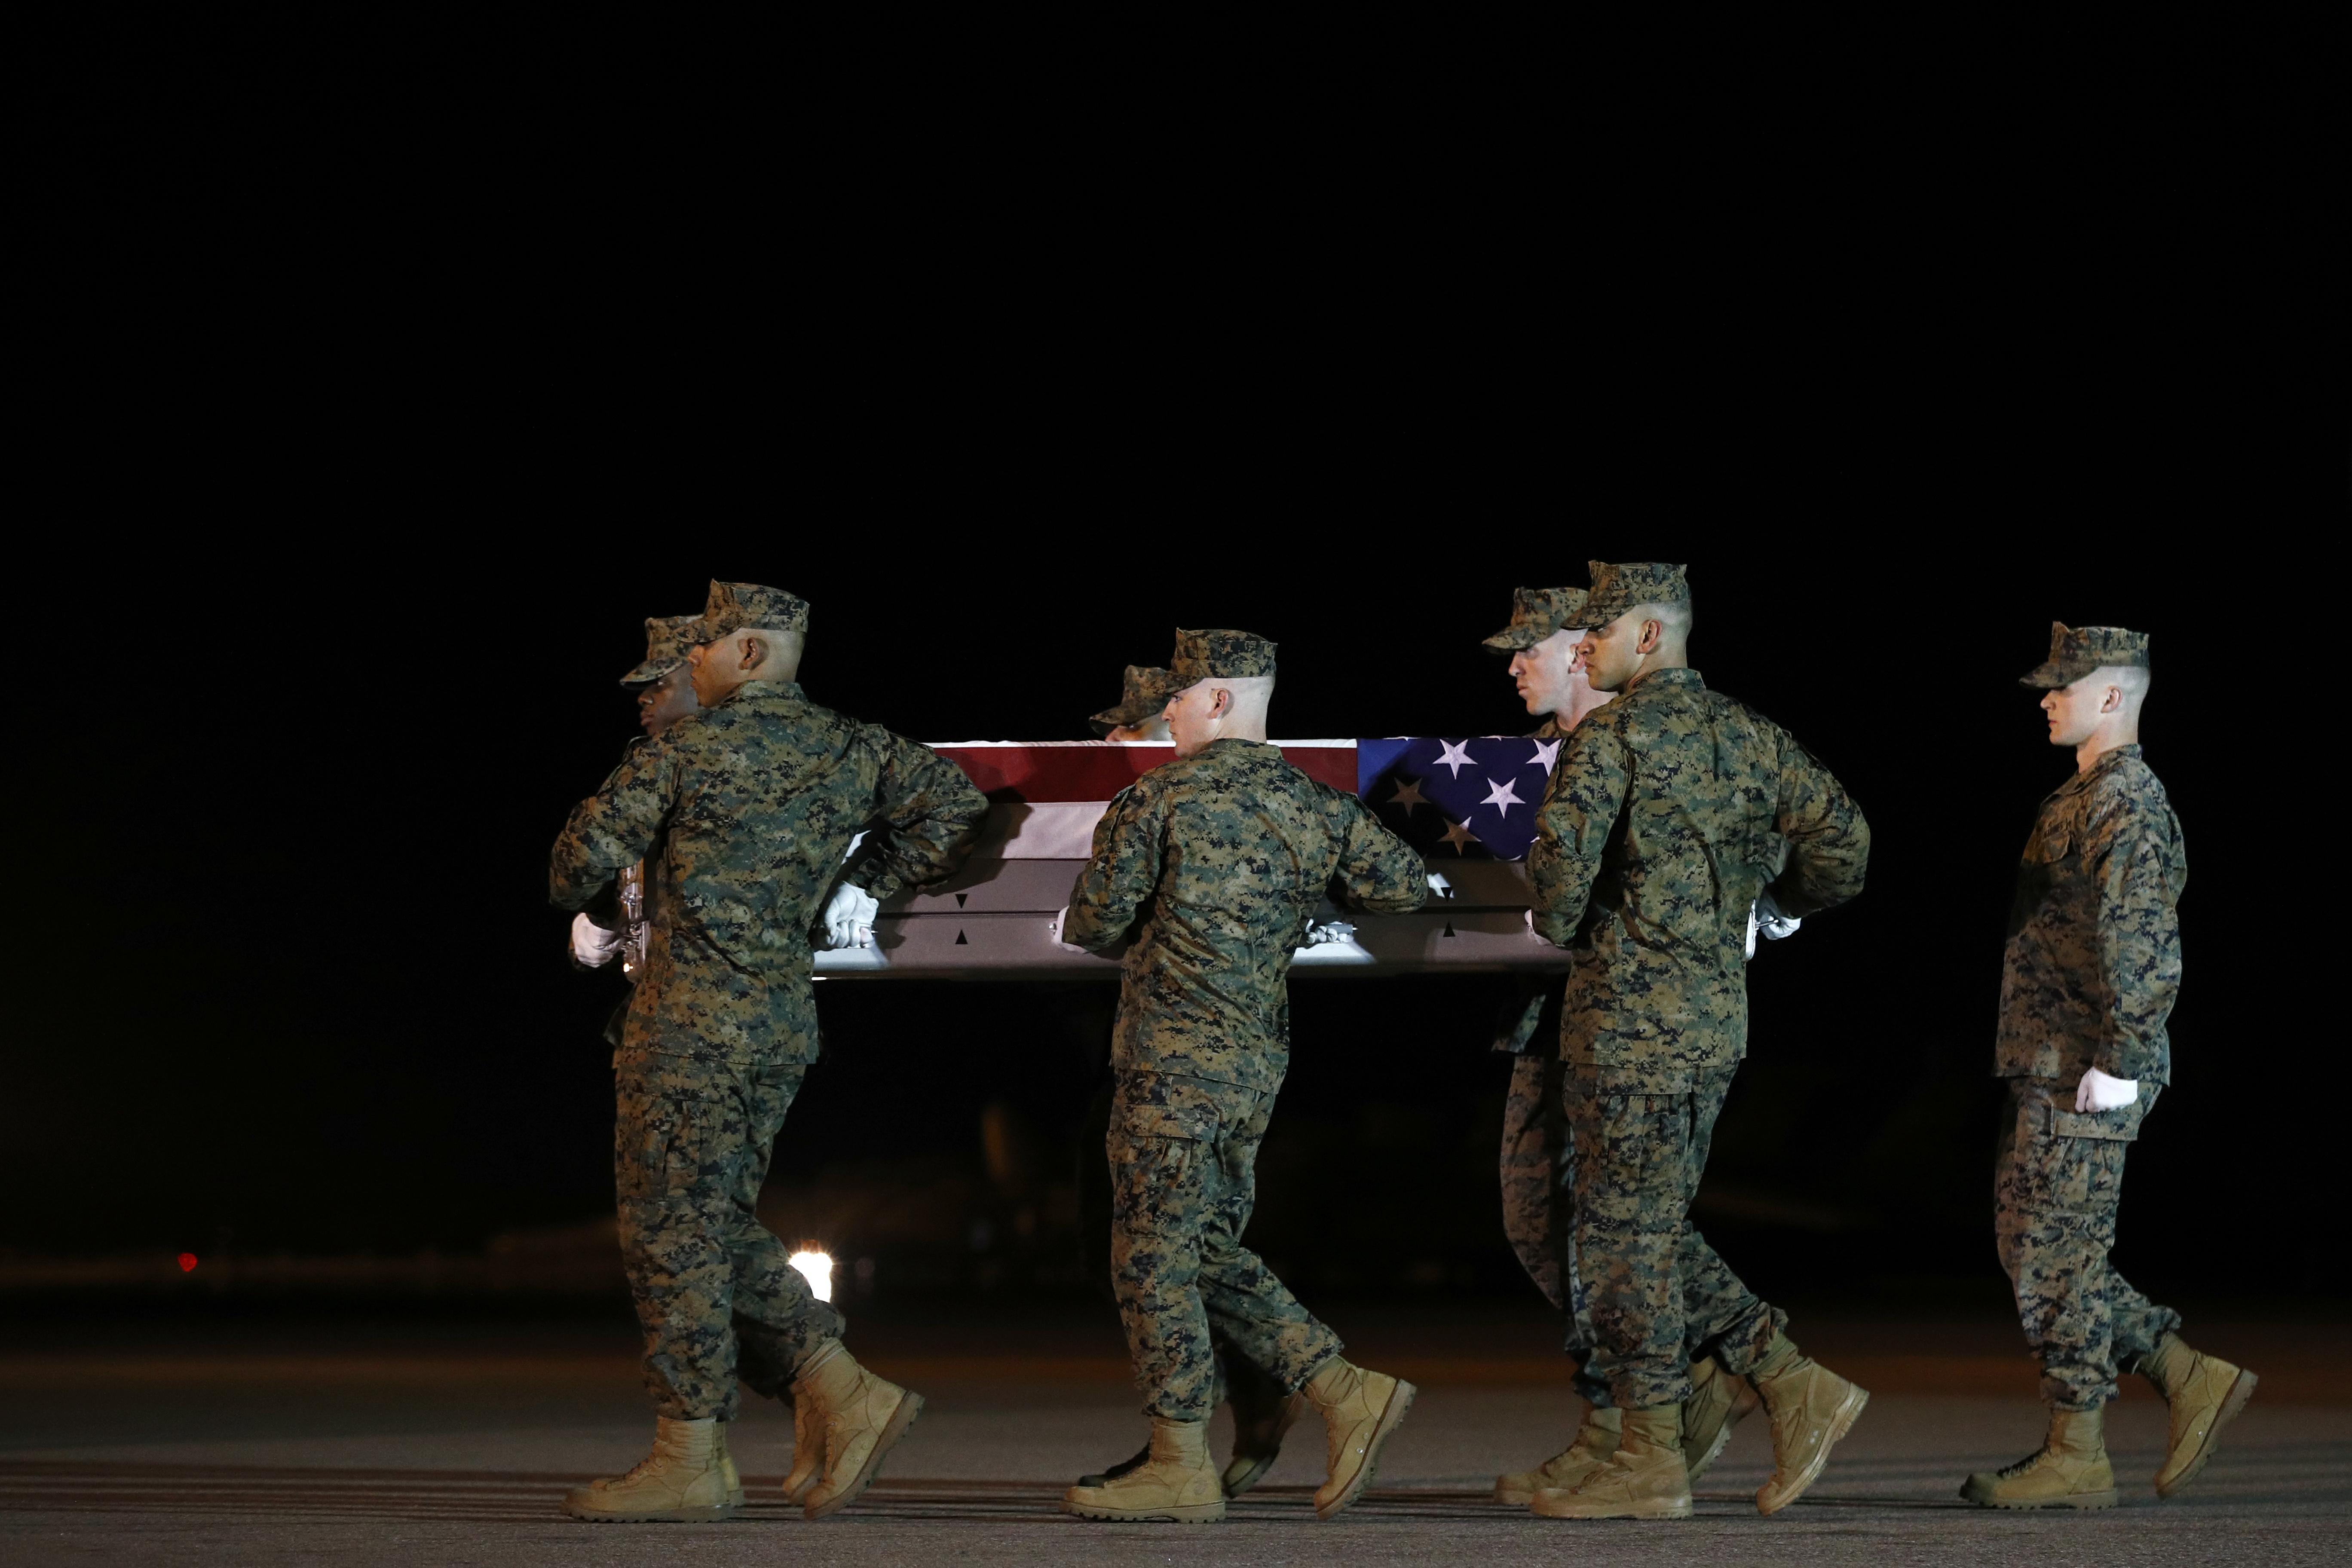 Orosz kémek fizethettek vérdíjat a táliboknak a megölt amerikai katonákért